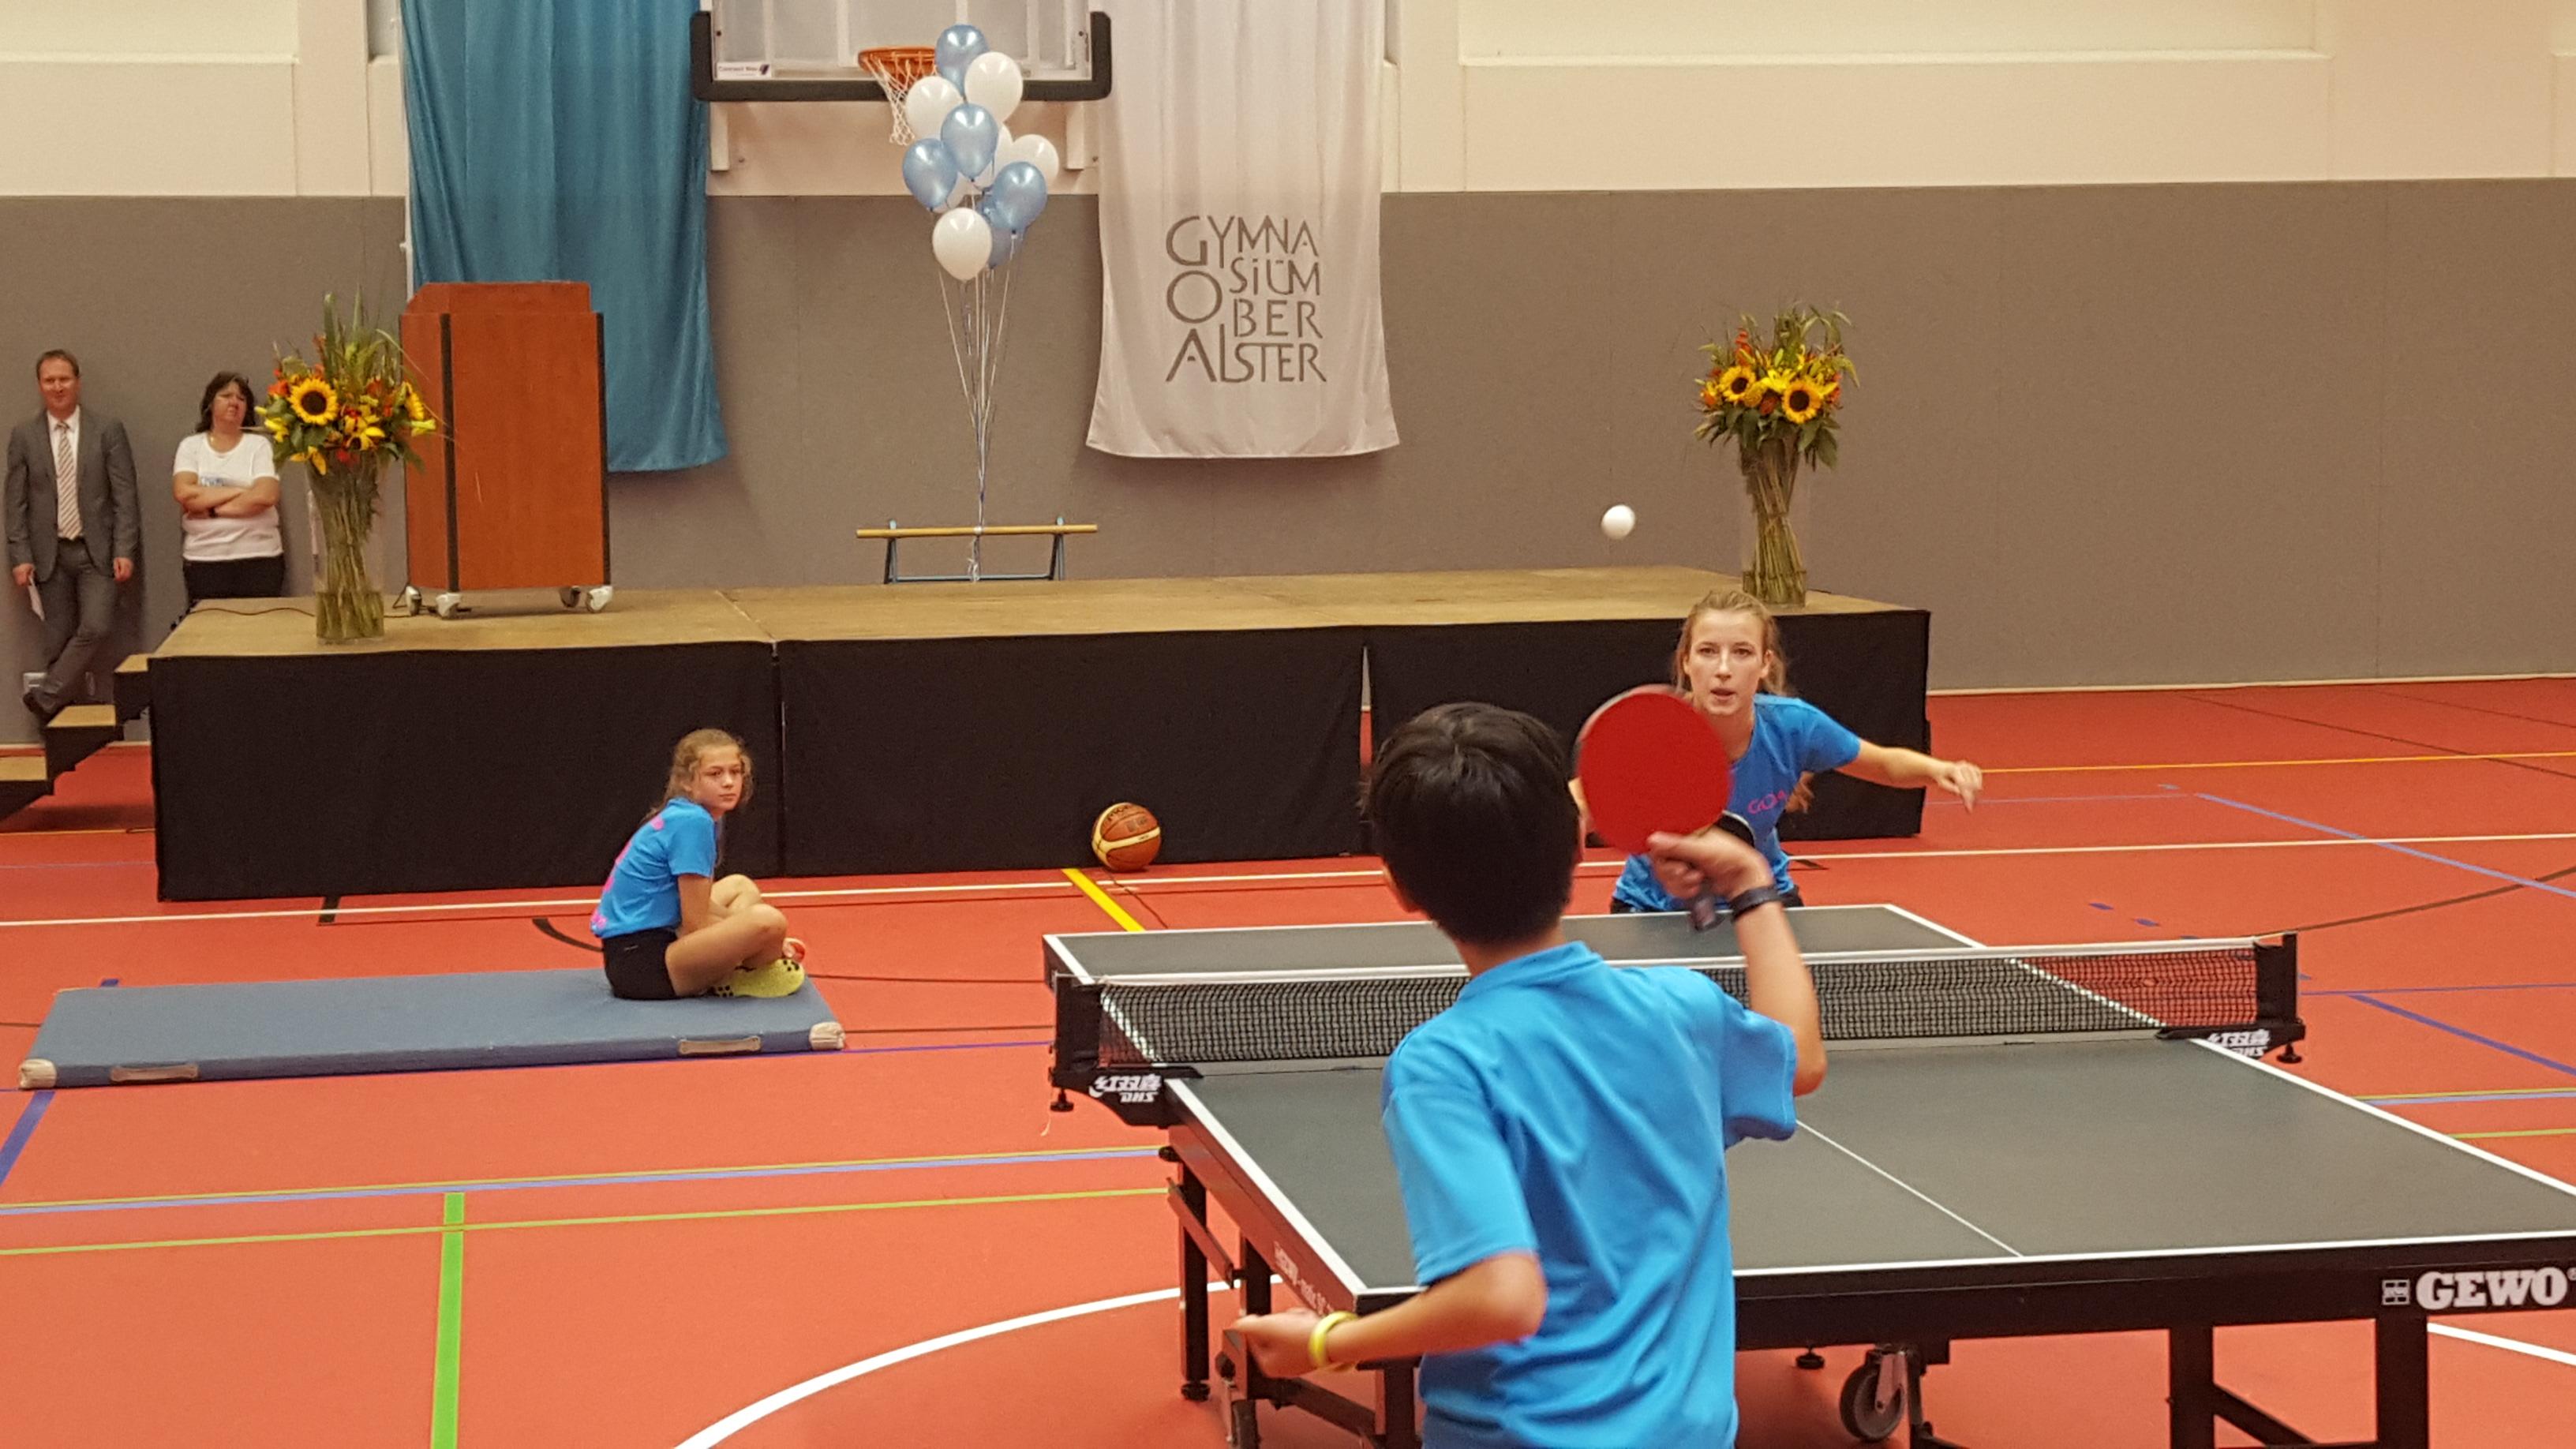 Die Einweihungsfeier - natürlich mit Tischtennis